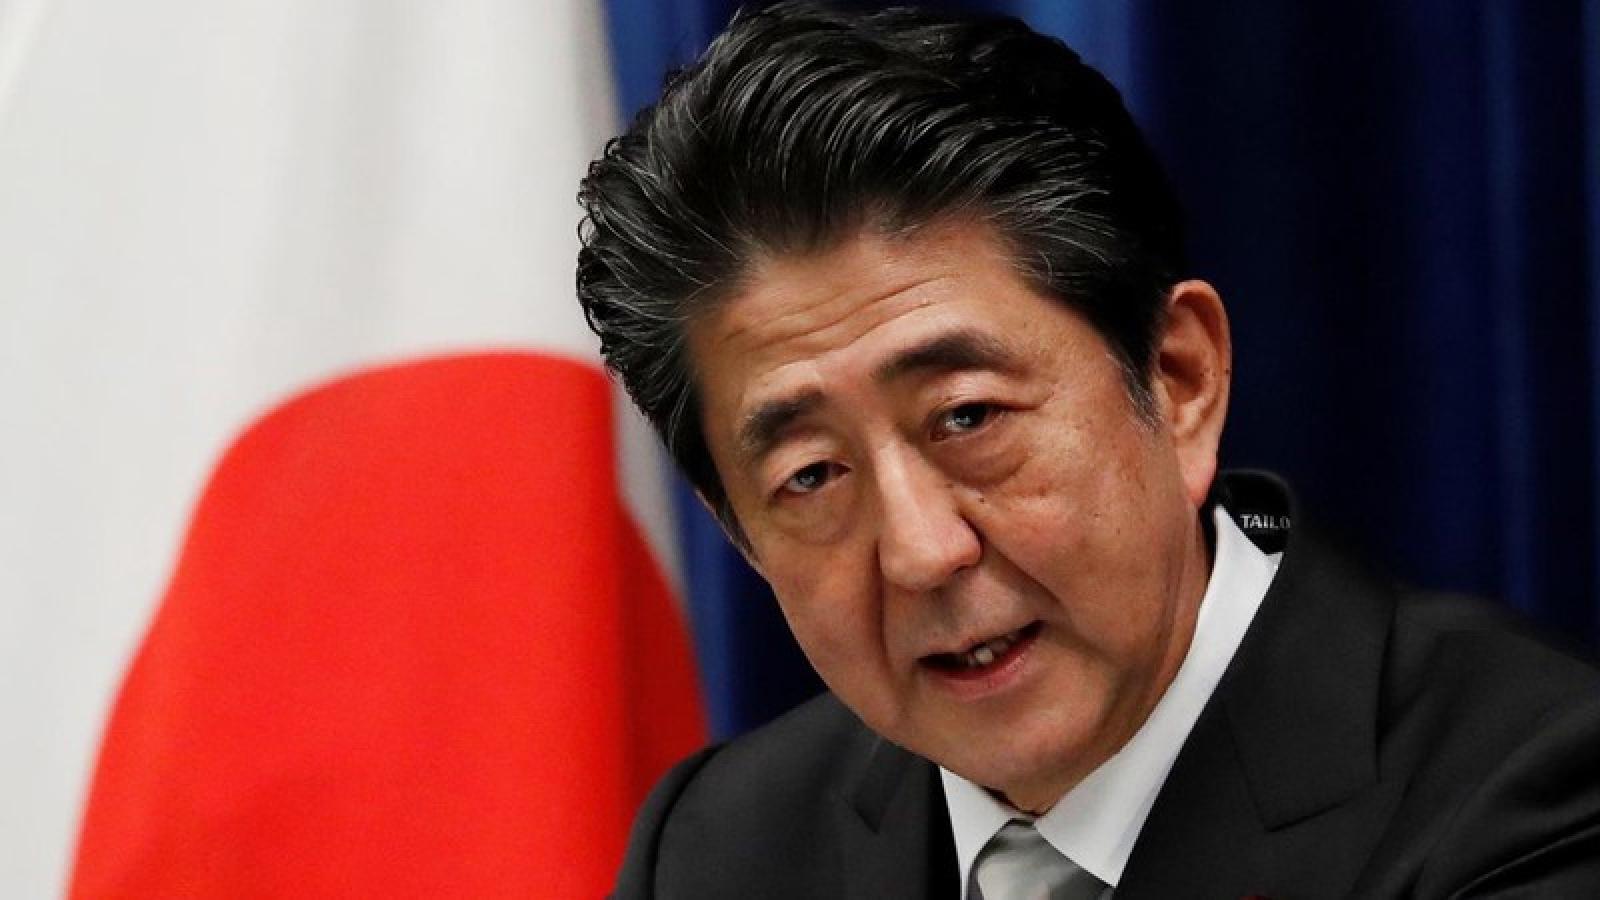 Nhật Bản công bố dỡ bỏ toàn bộ tình trạng khẩn cấp